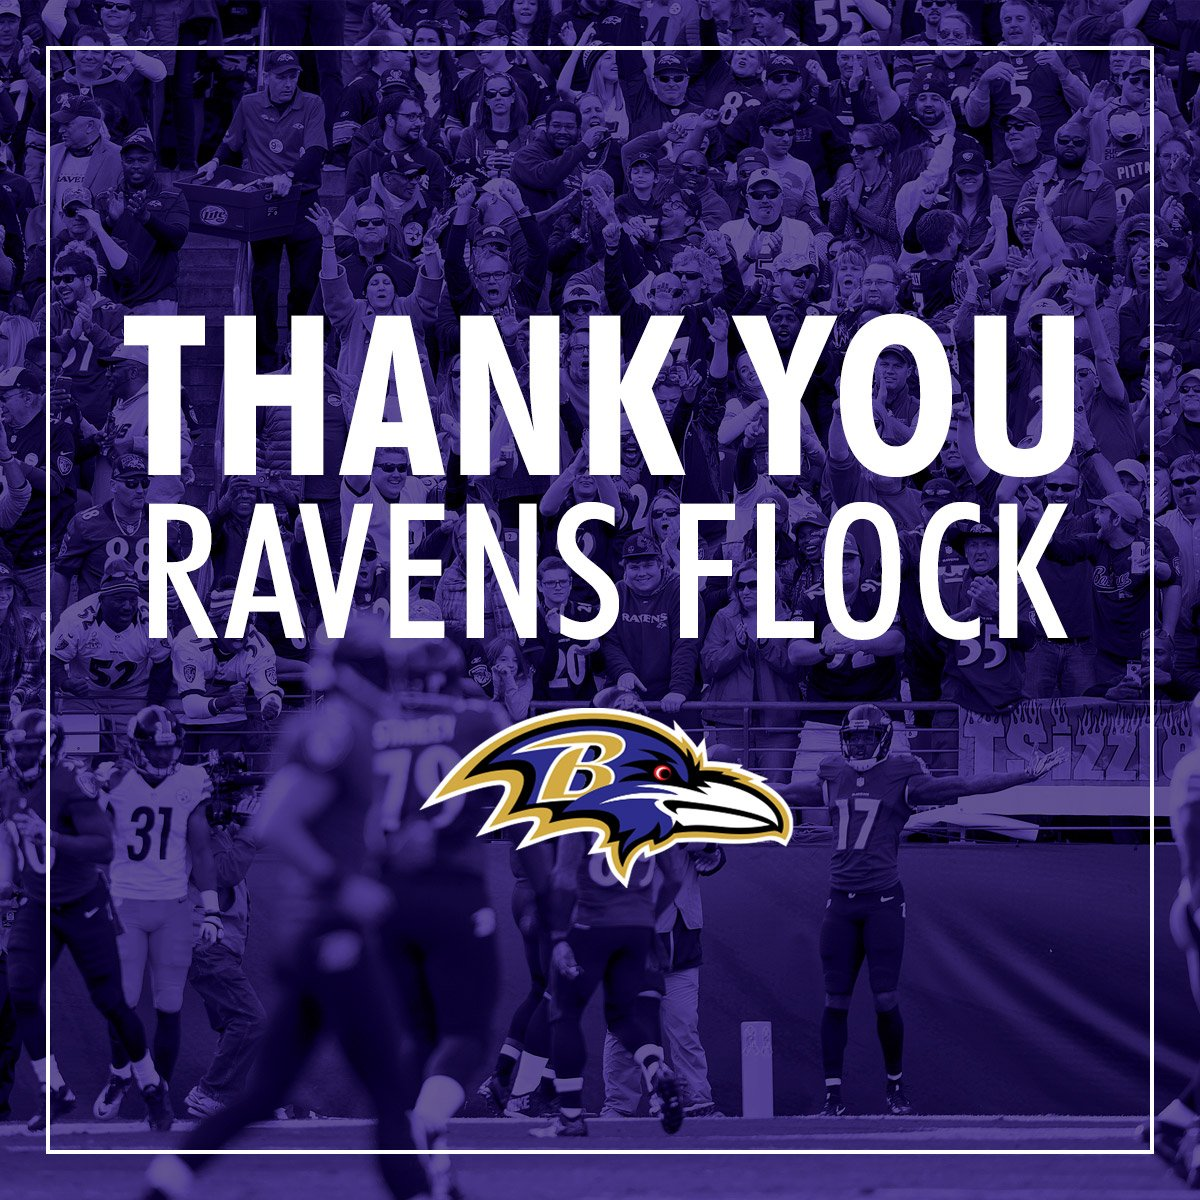 d56f583d116 Baltimore Ravens on Twitter: